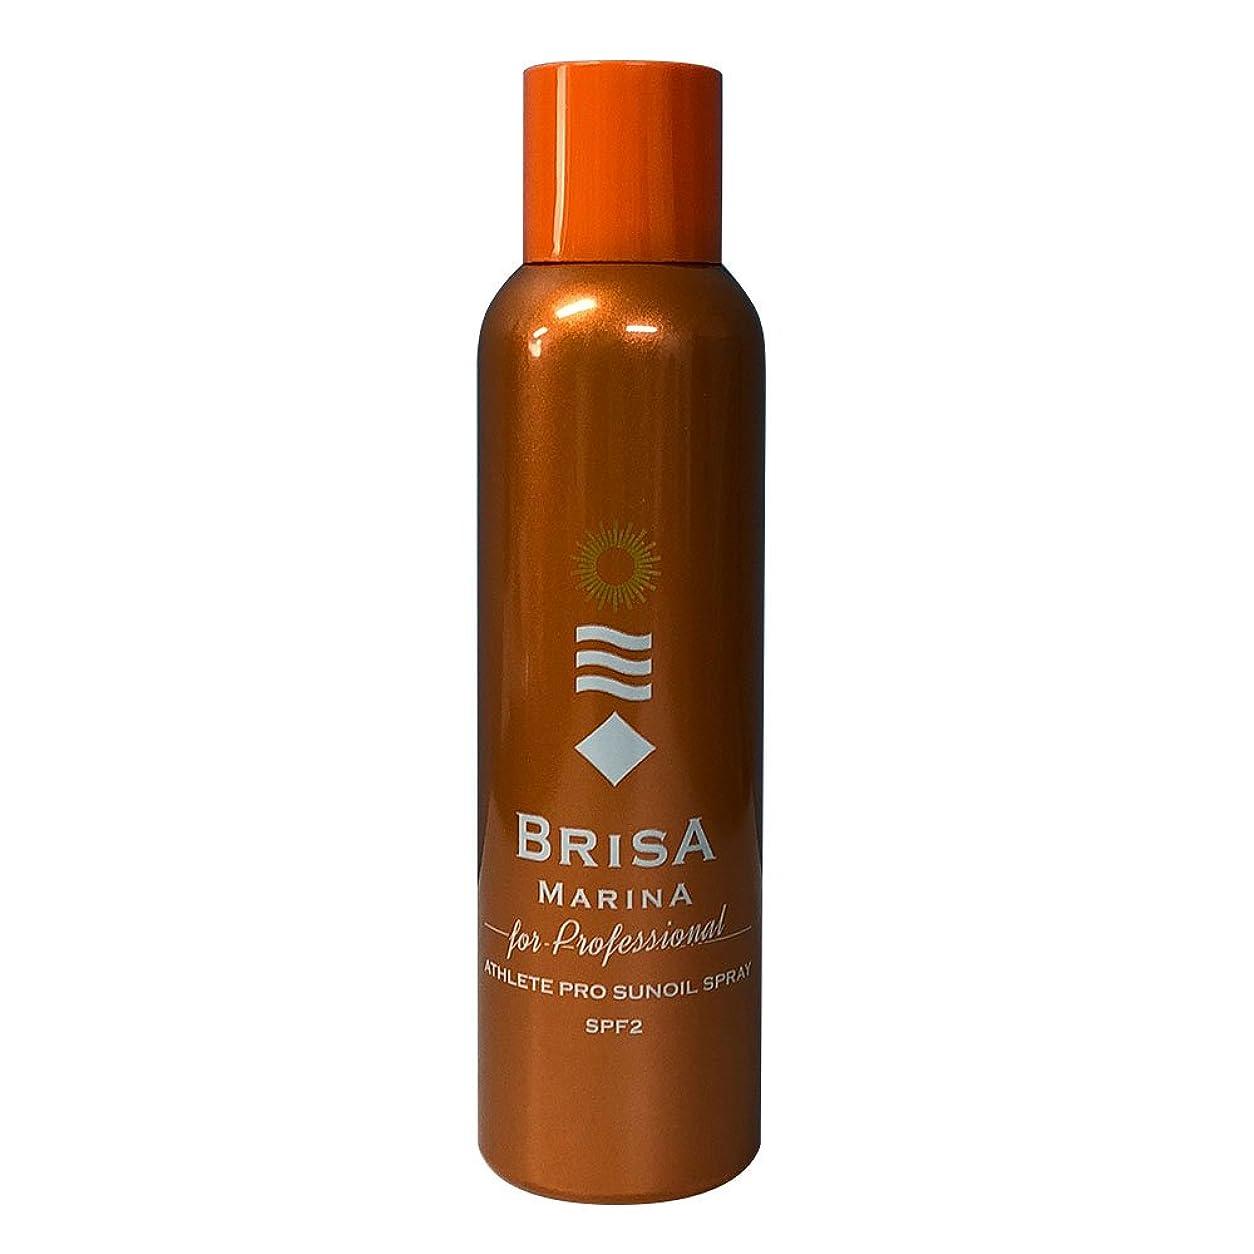 操作可能任意控えめなBRISA MARINA(ブリサ マリーナ) アスリートプロ サンオイルスプレー [SPF2] Professional Edition [アスリートプロ 日焼け用スプレー] Z-0CBM0016610